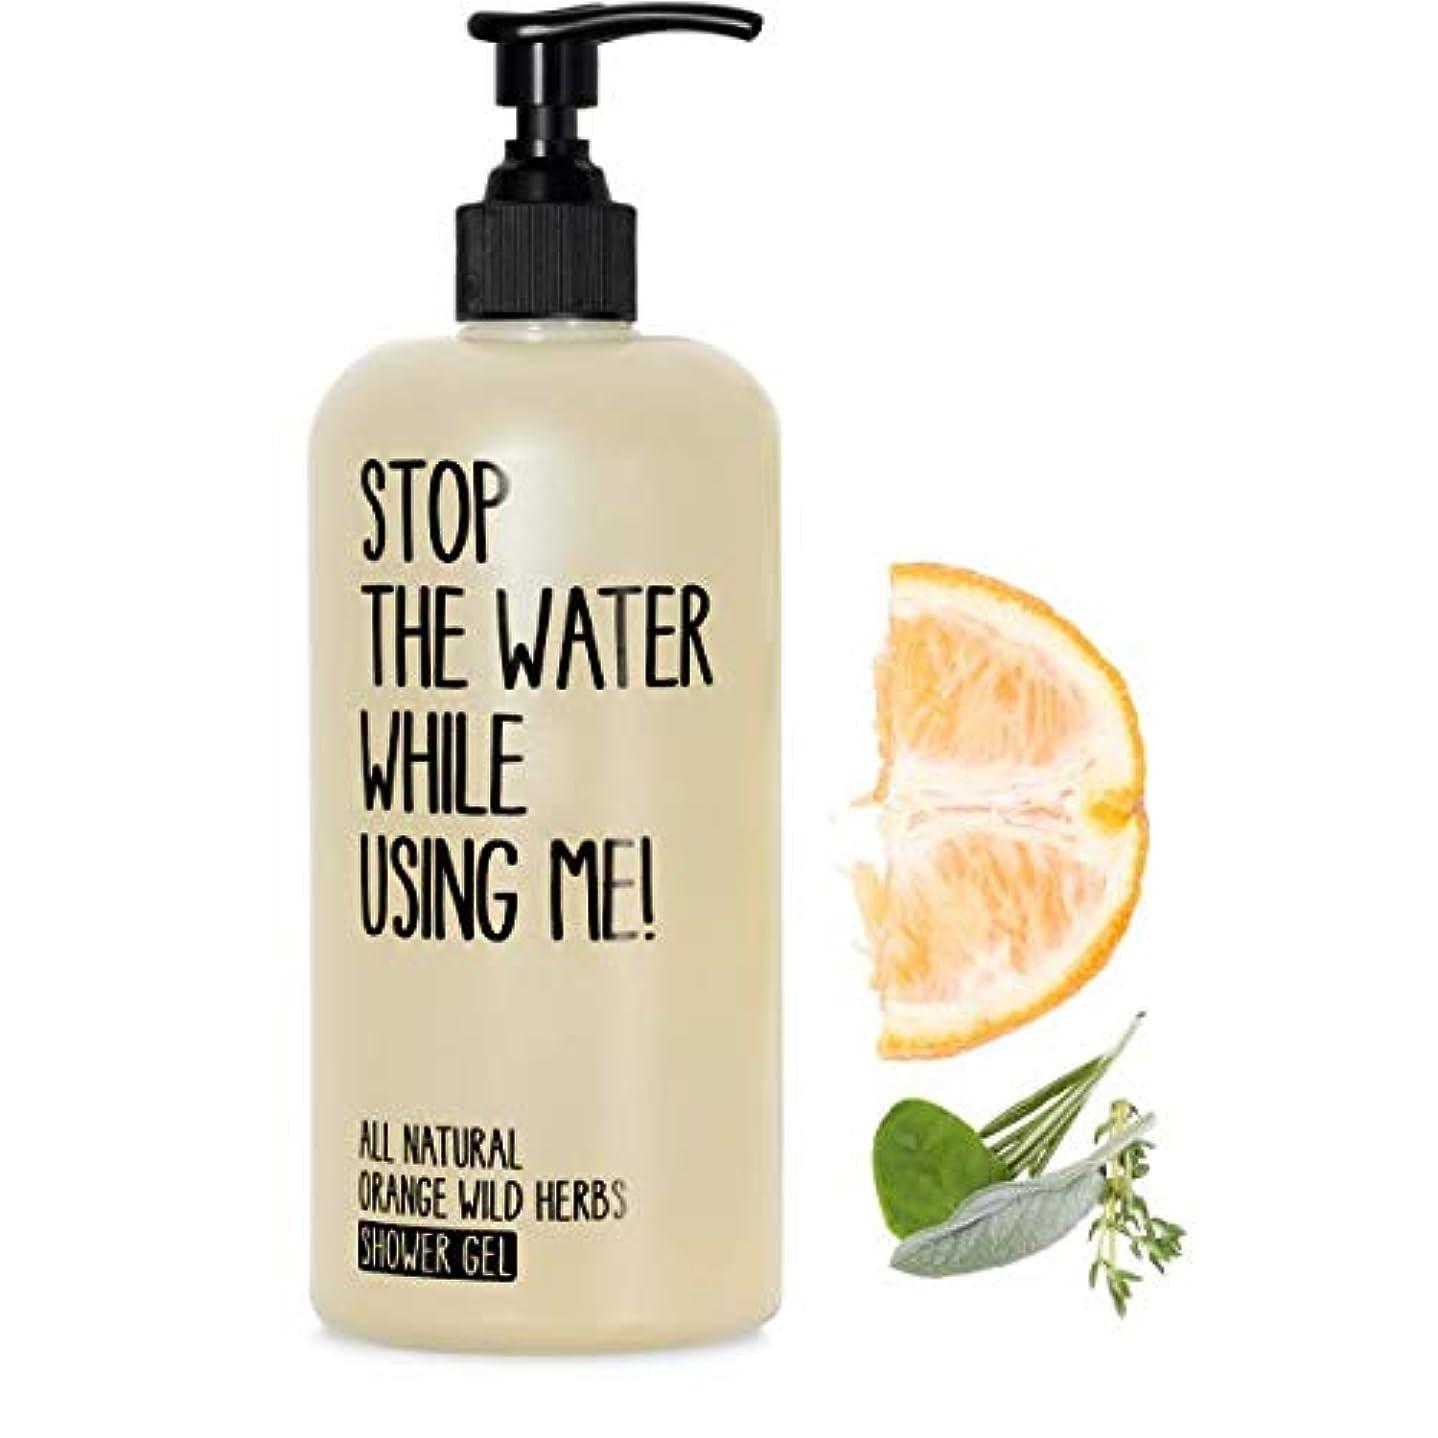 とげのある手がかりラウズ【STOP THE WATER WHILE USING ME!】 O&WHシャワージェル(オレンジ&ワイルドハーブ) 200ml